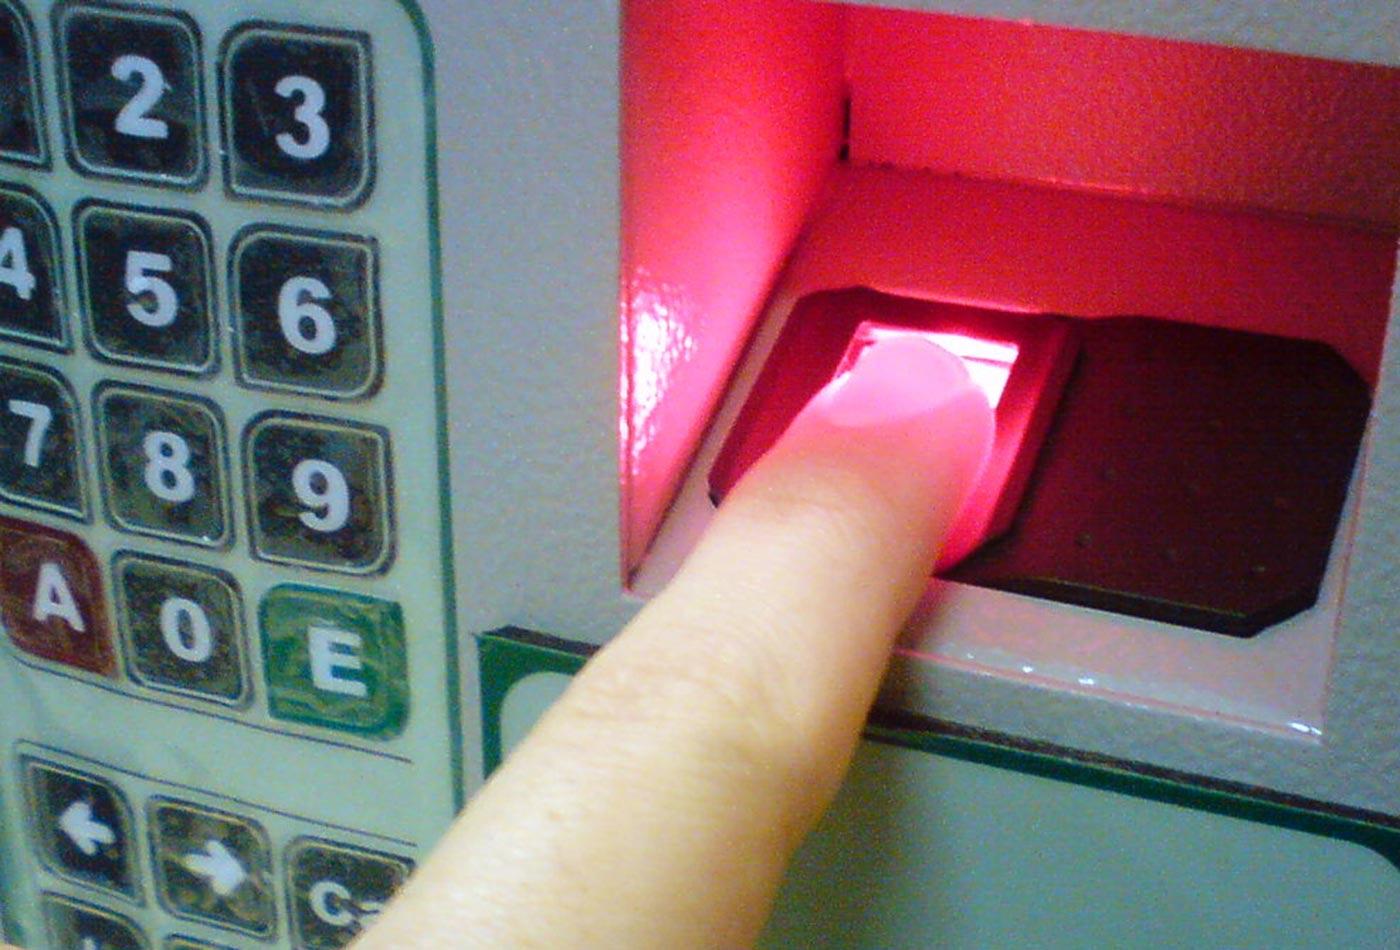 Fingerprint ID.